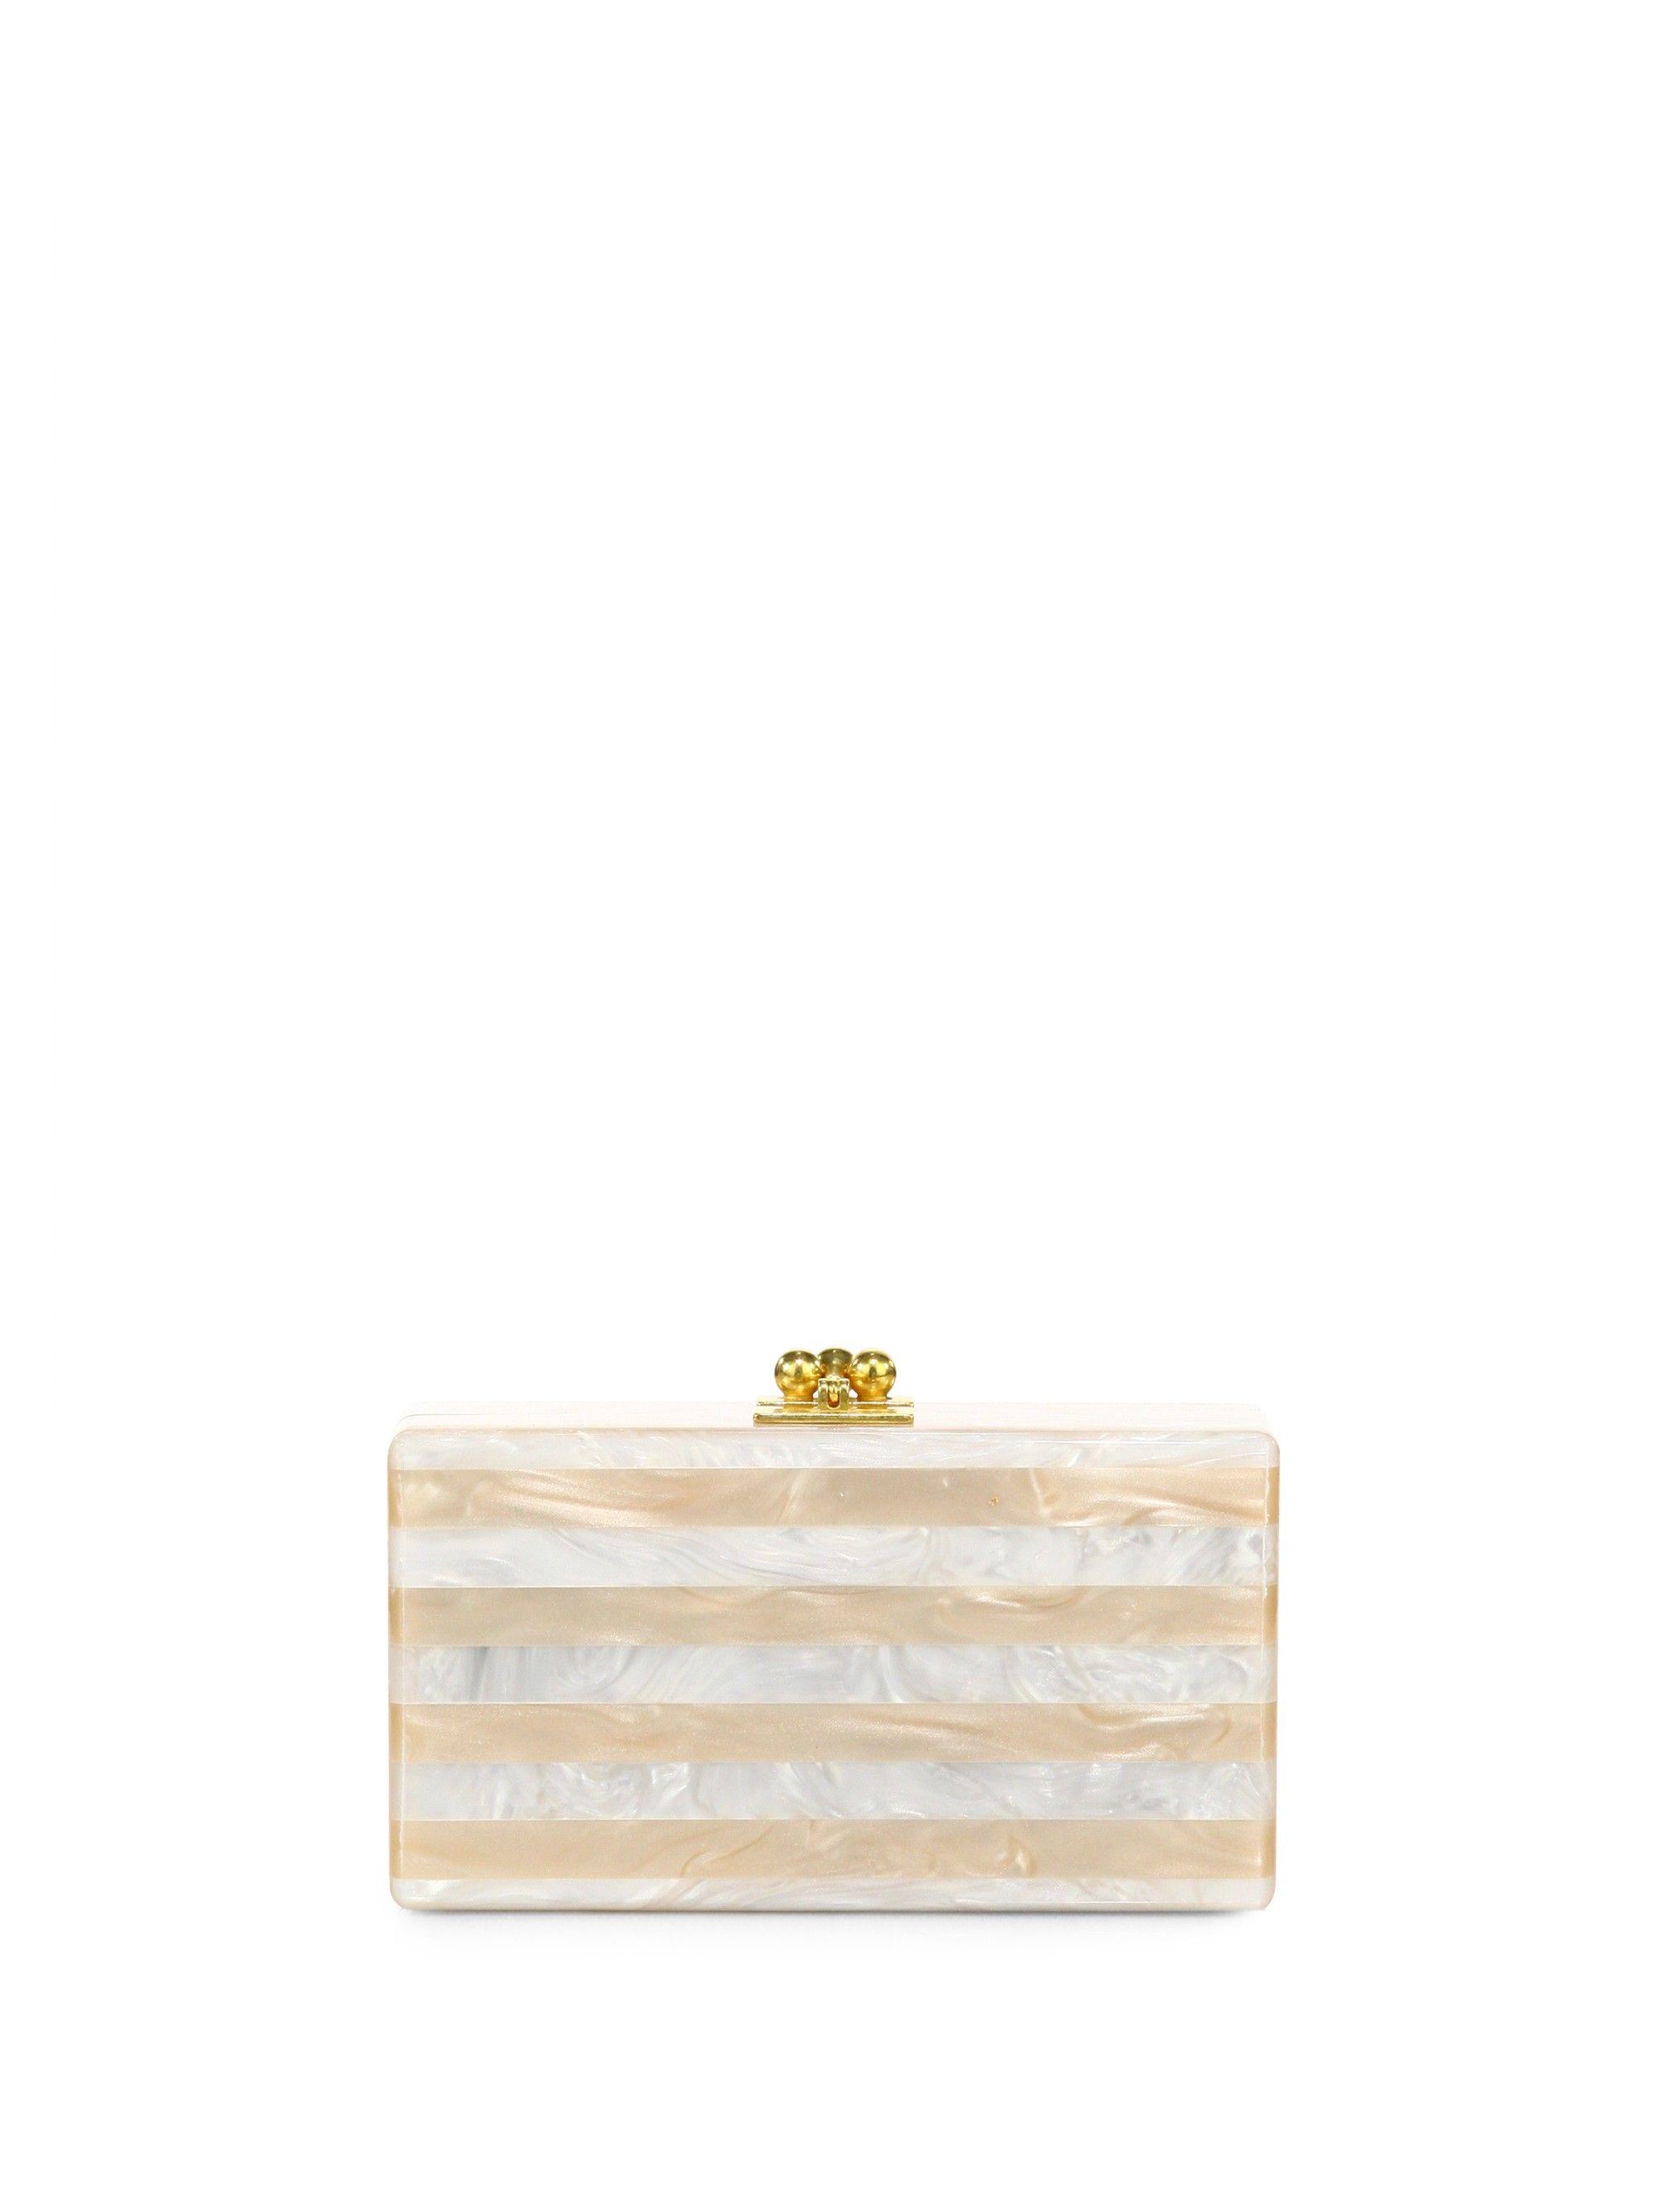 2889f2ac02 EDIE PARKER Jean Glitter Stripe Acrylic Clutch. #edieparker #bags #clutch # denim #glitter #hand bags #